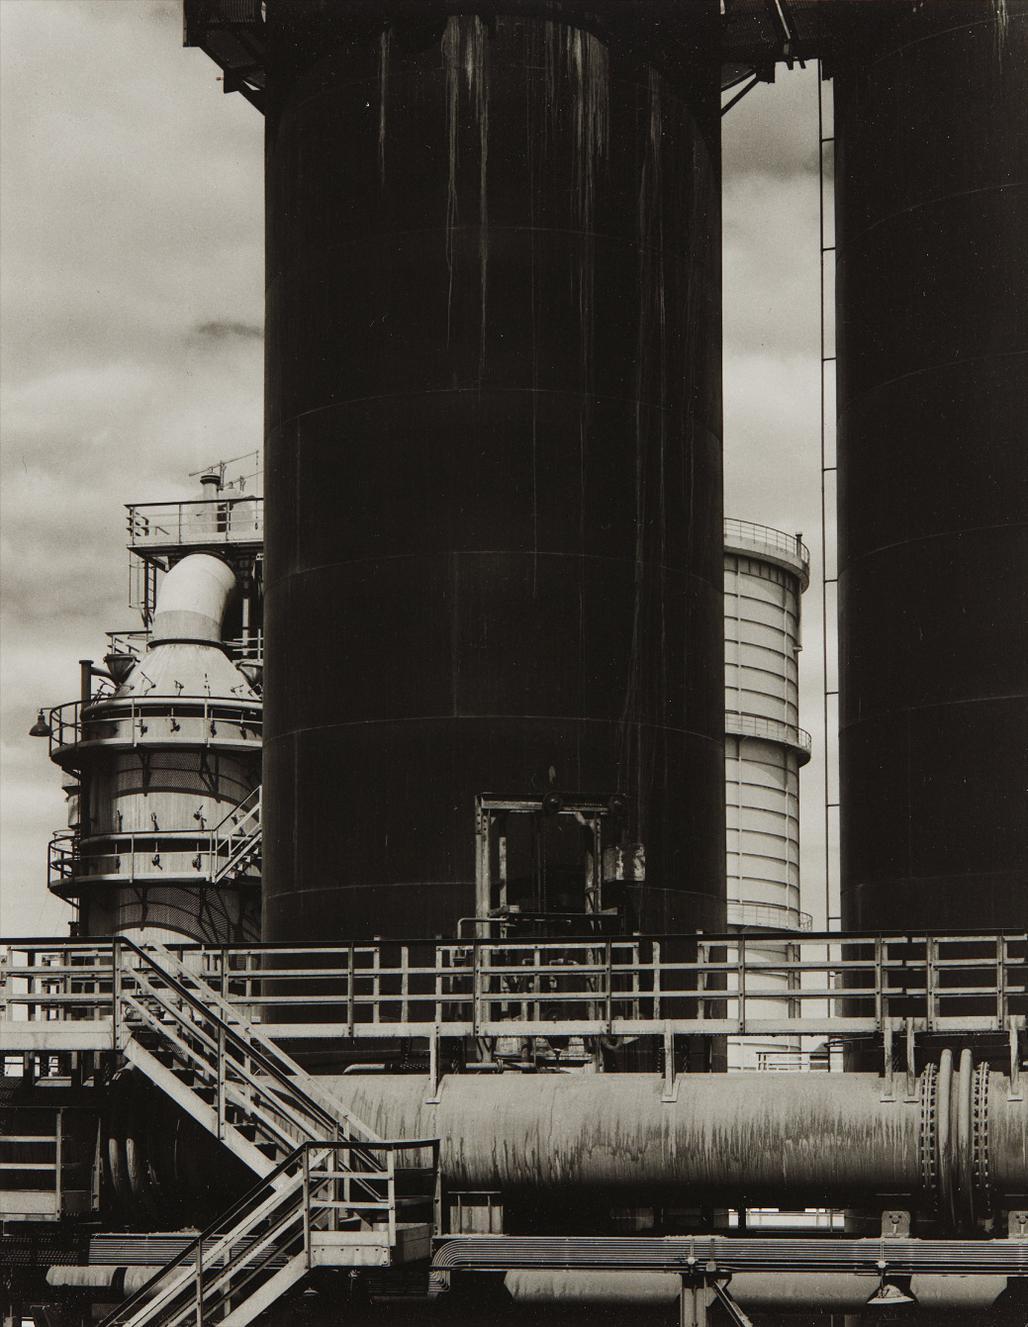 Paul Strand-Steel Mill, Helwan, Egypt-1959